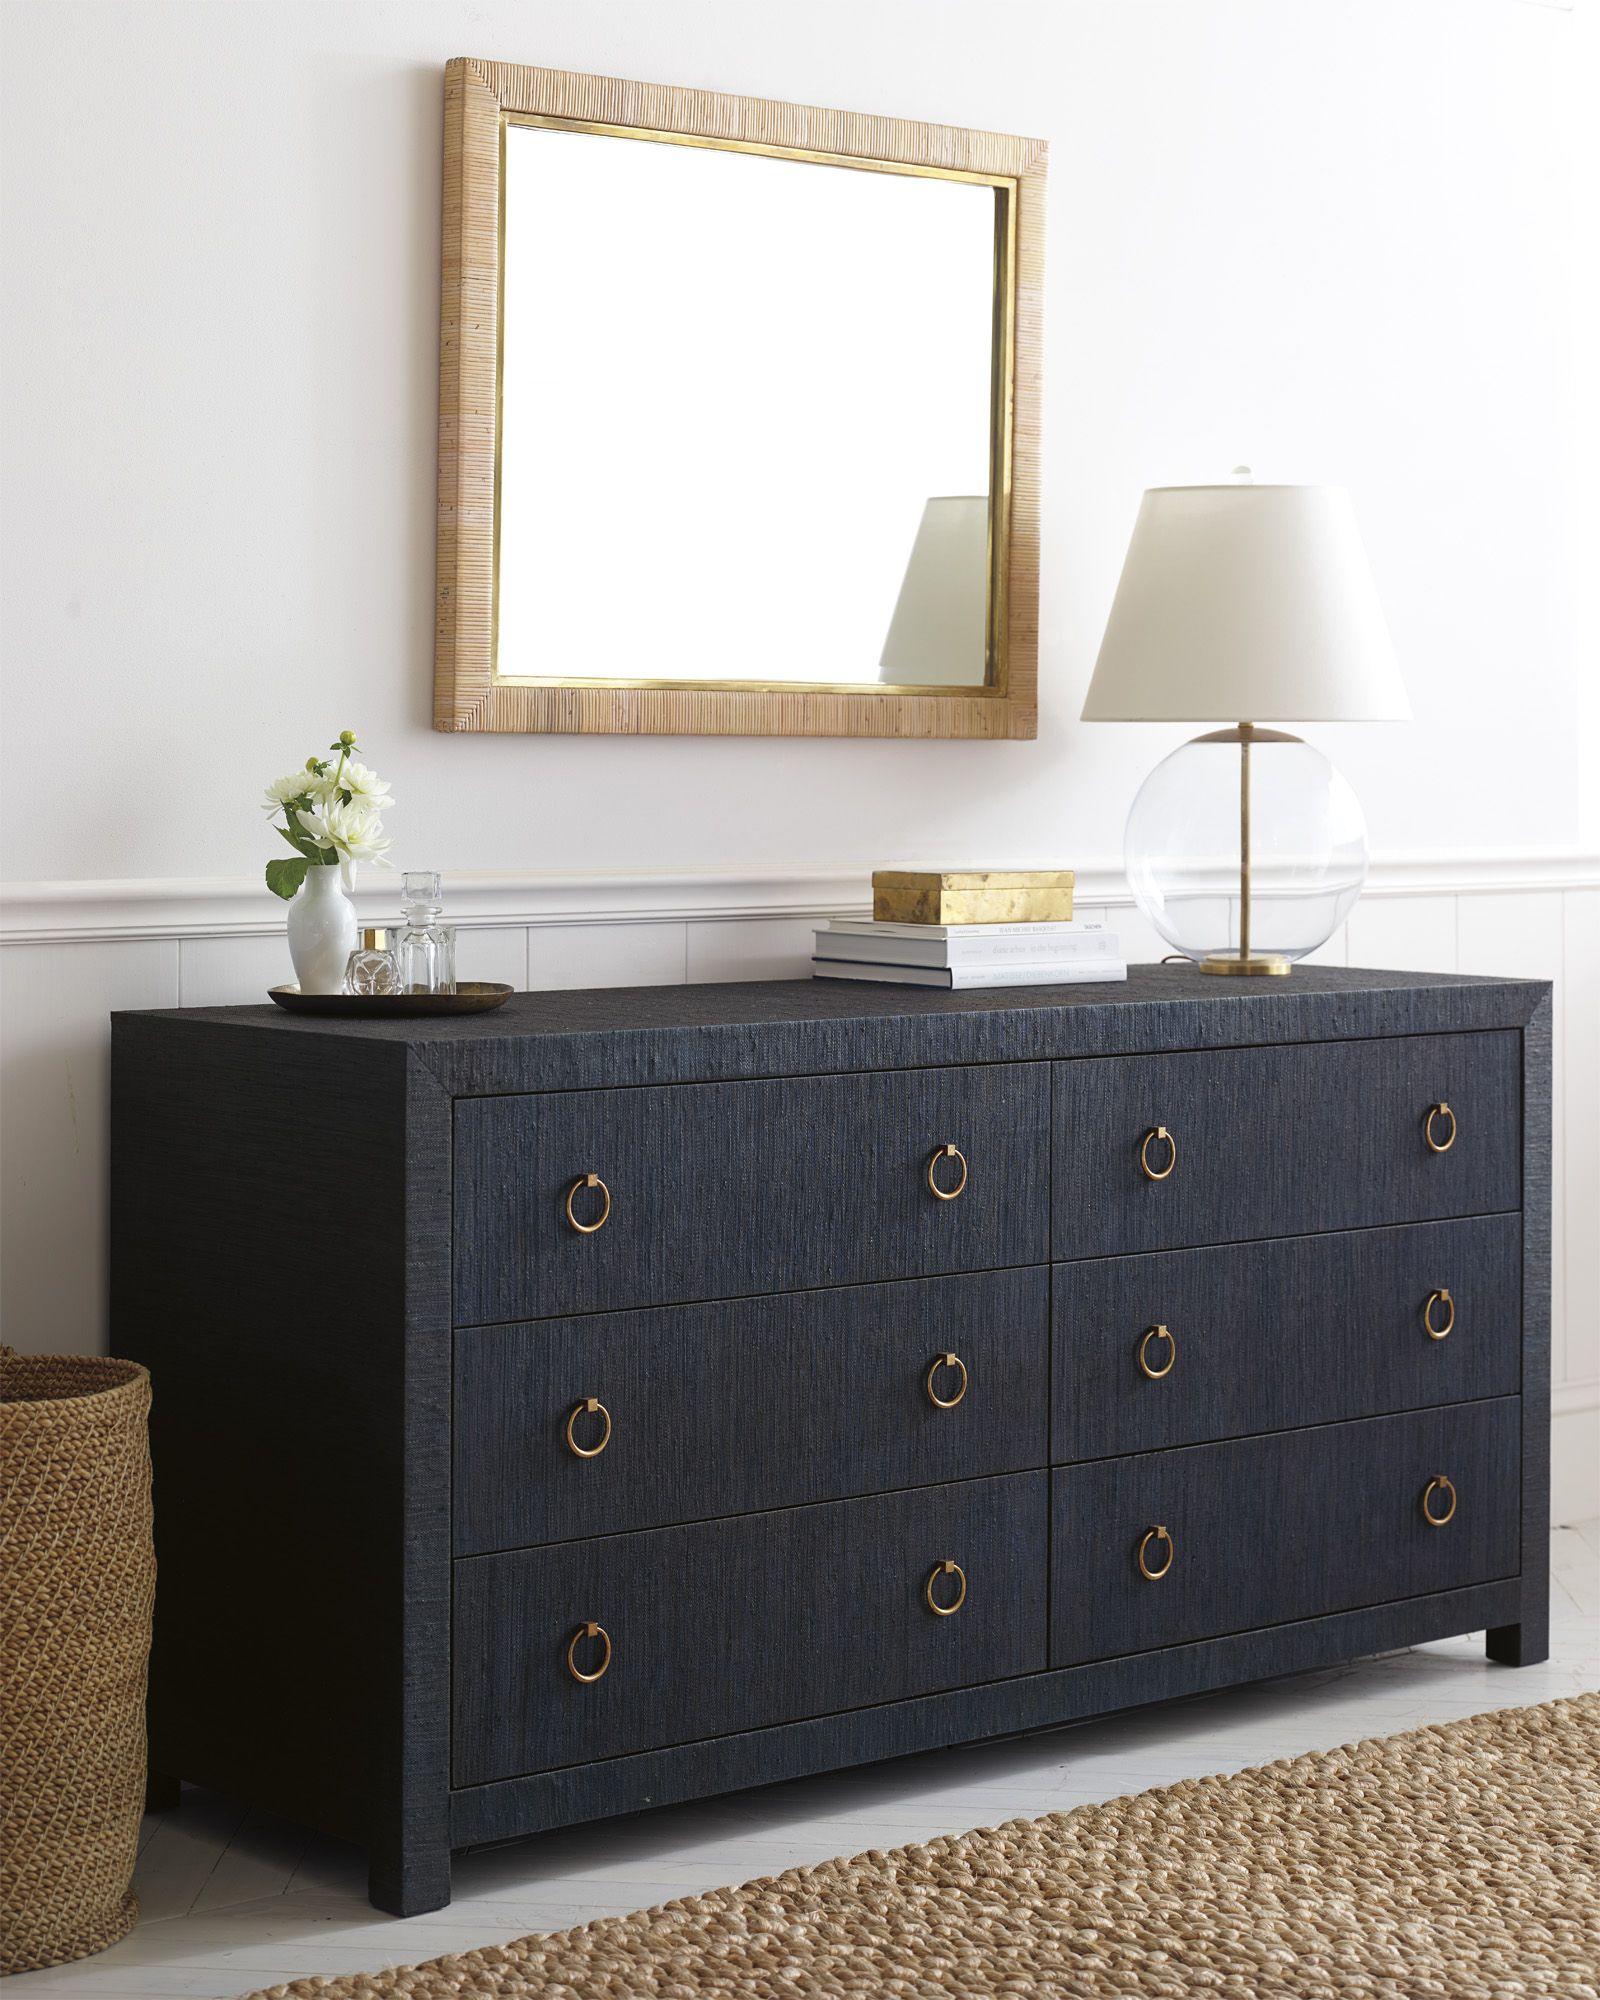 Blake raffia wide dresser wide dresser dresser and storage